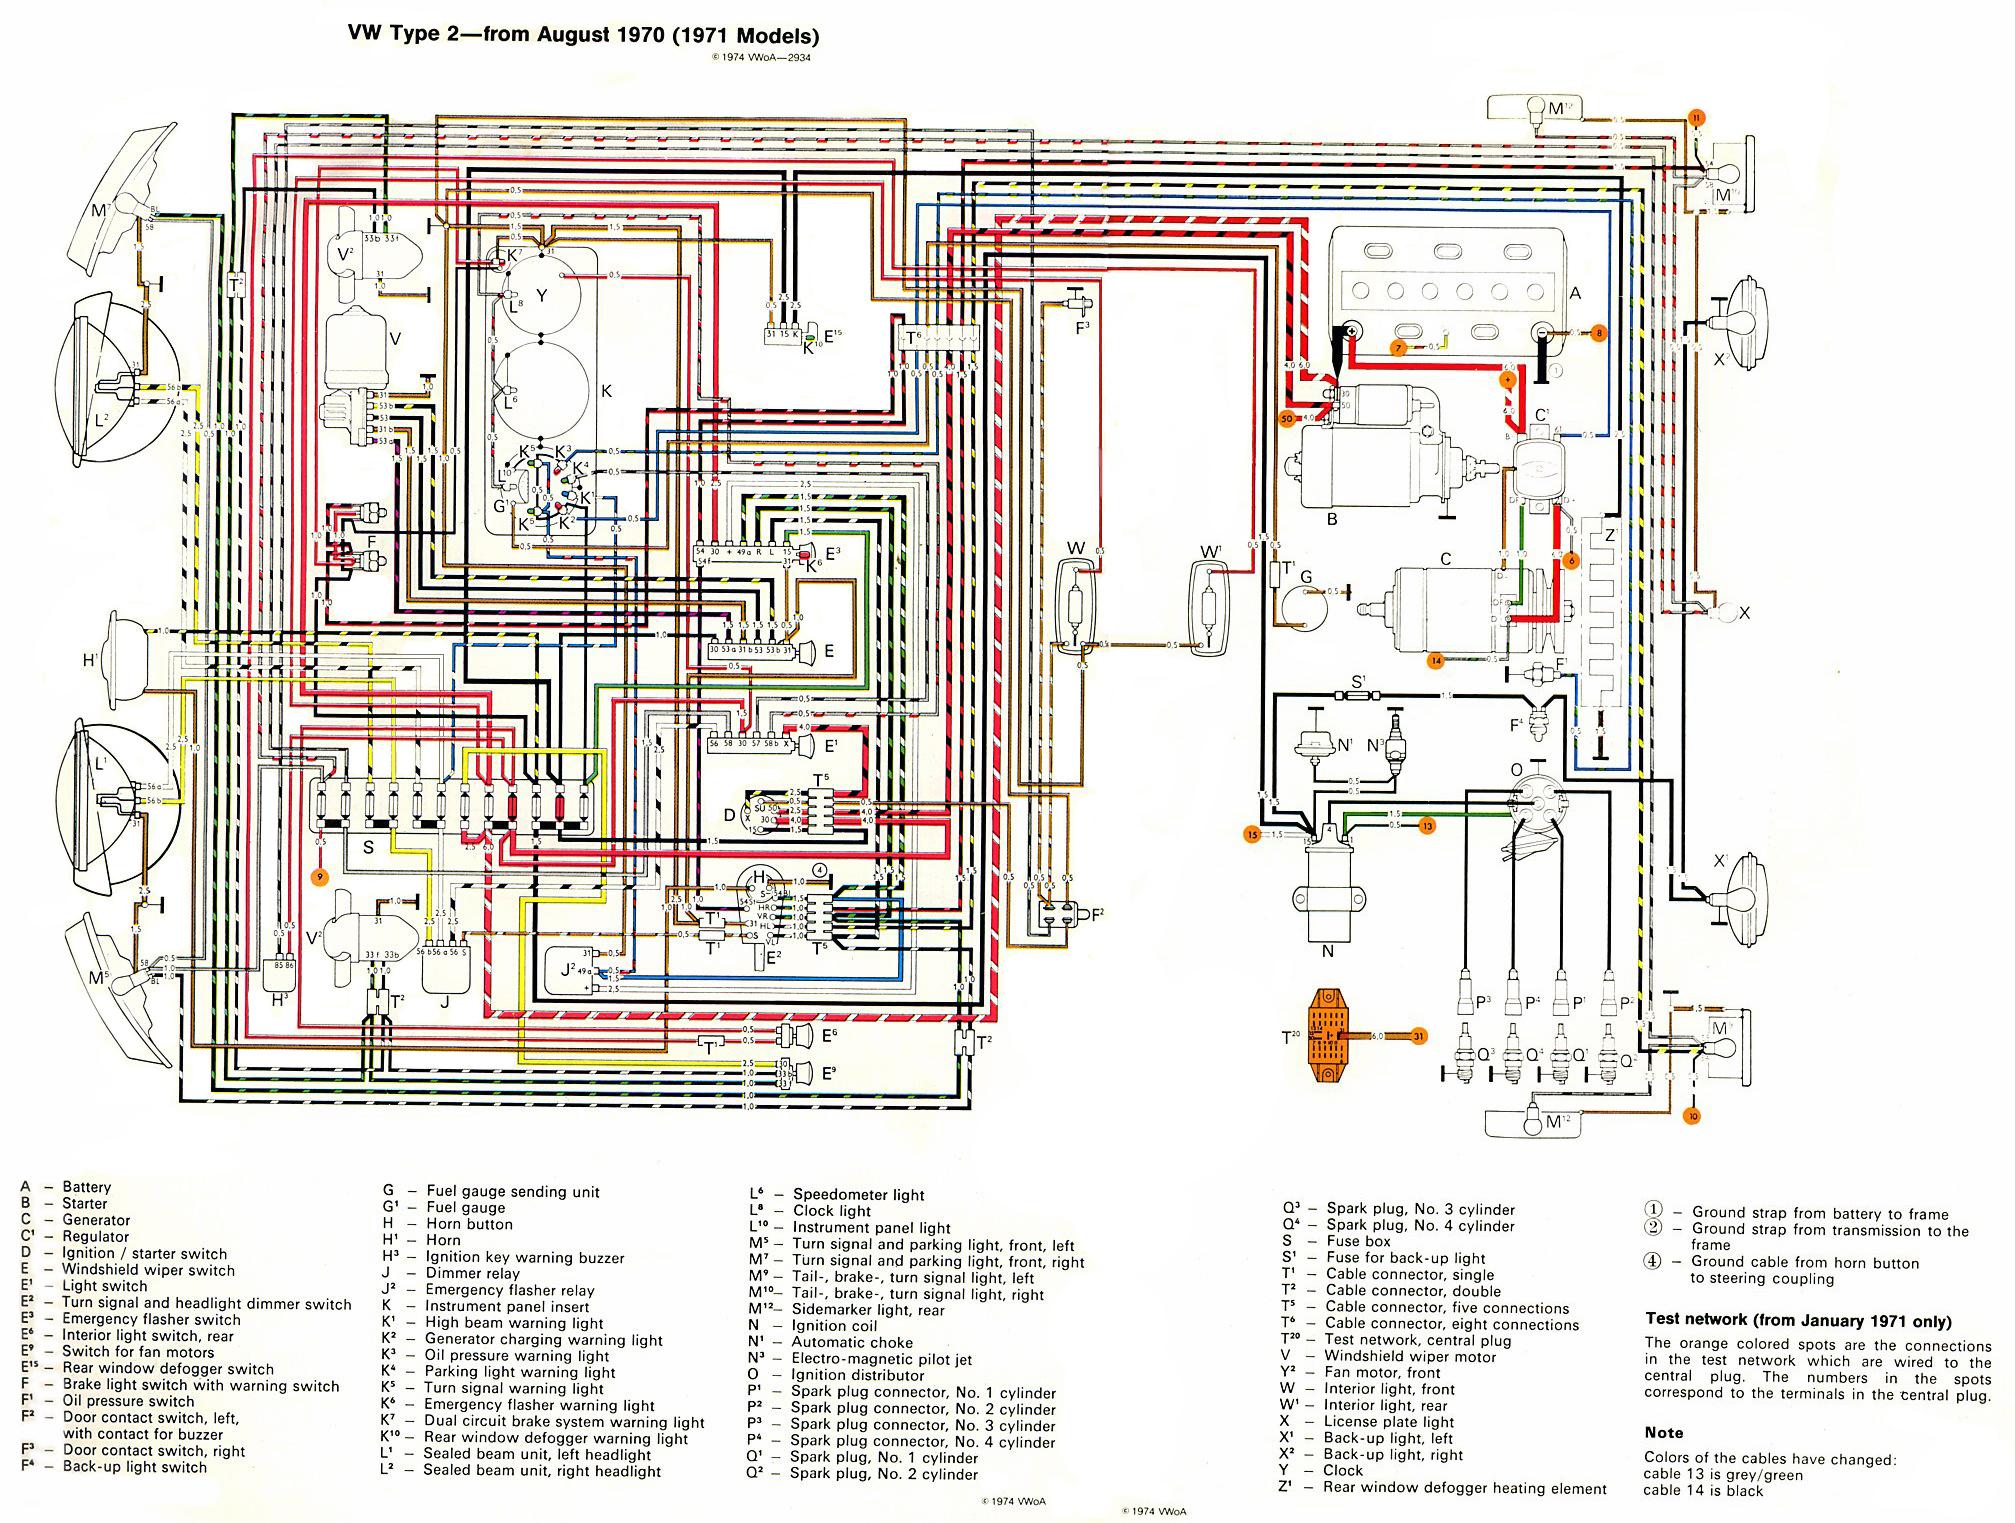 Vw Beetle Wiring Diagram Merzienet - 1966 vw beetle horn wiring diagram